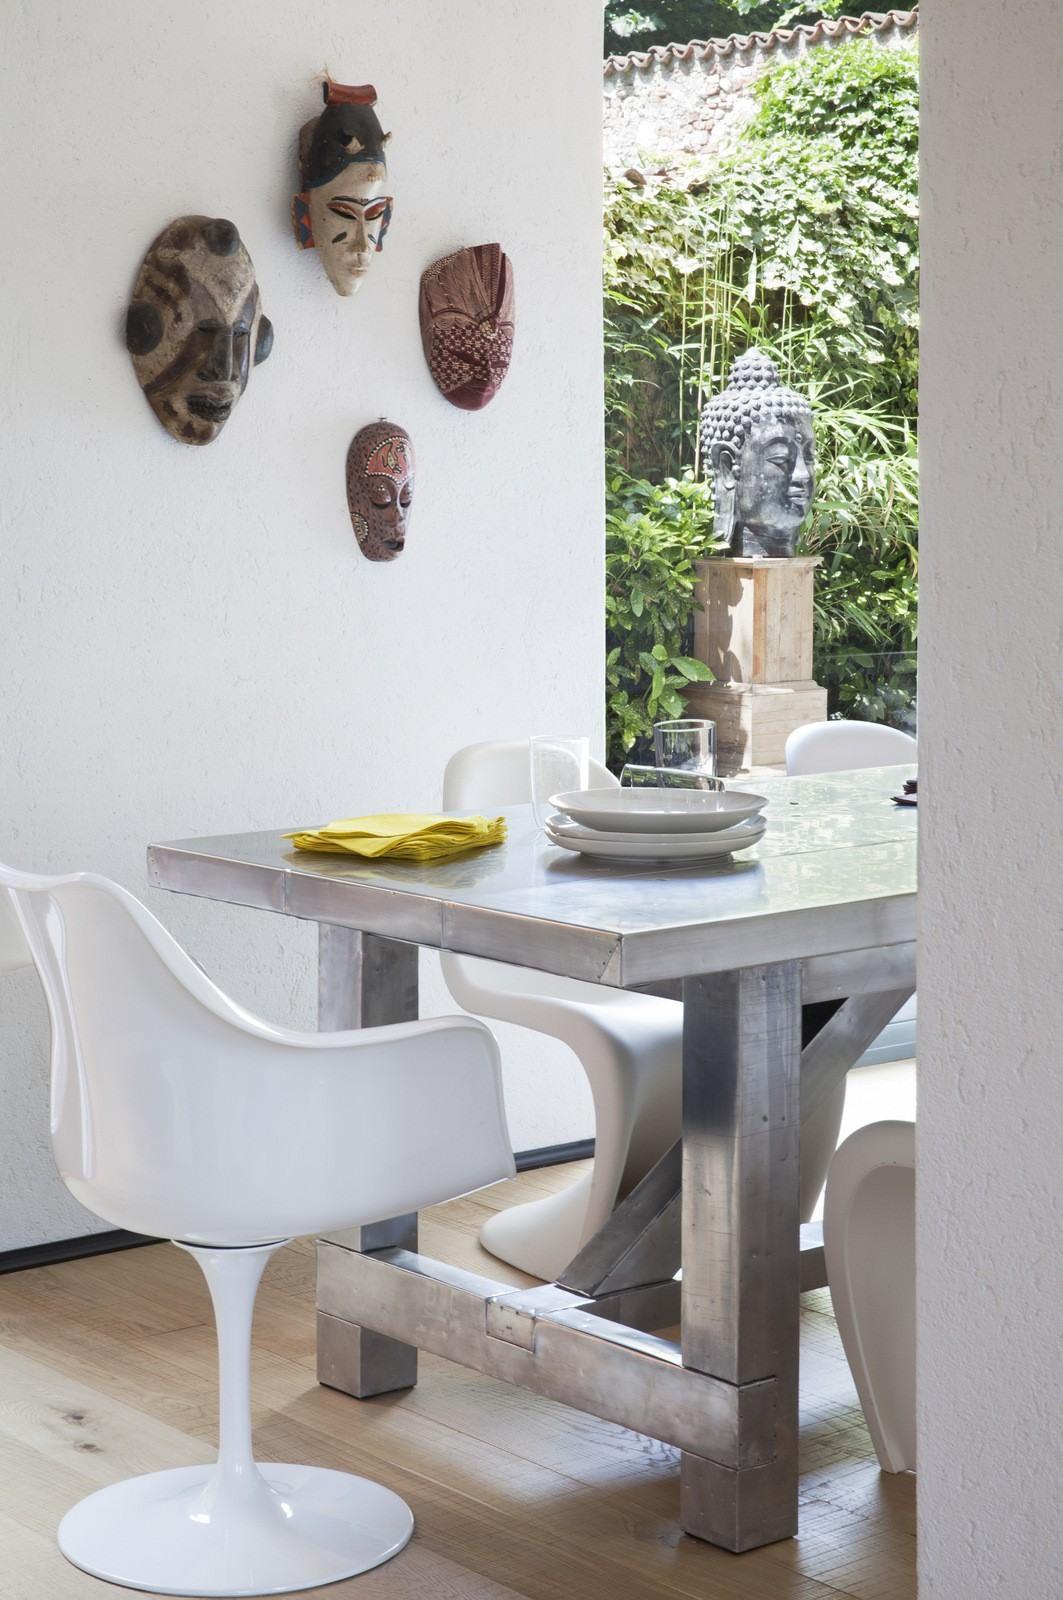 cl_pelizzari_eclectic_home_13